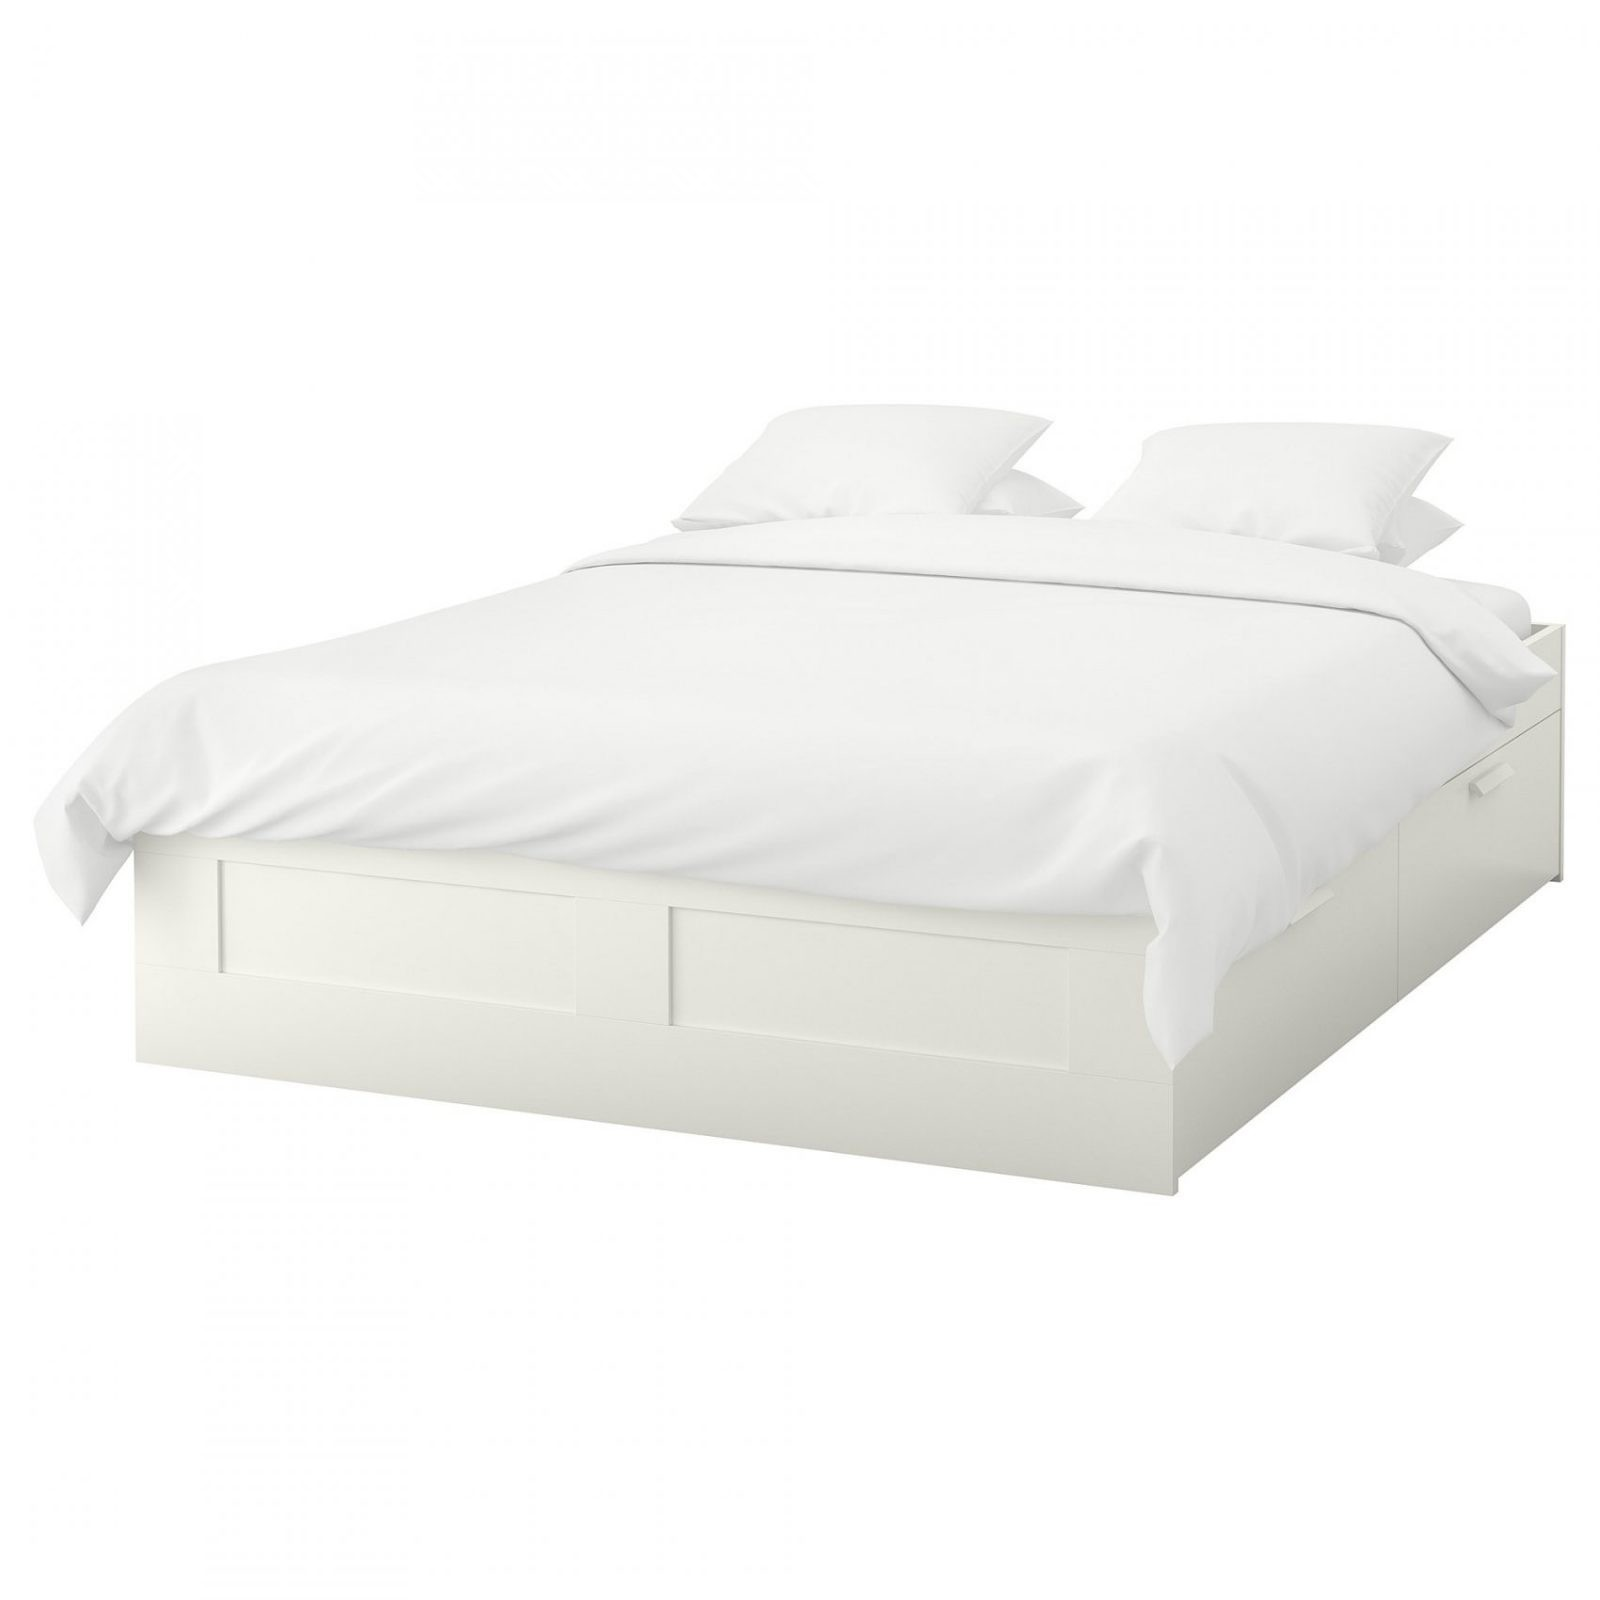 Brimnes Bettgestell Mit Schubladen  180X200 Cm   Ikea von Ikea Bett Weiß 180X200 Photo